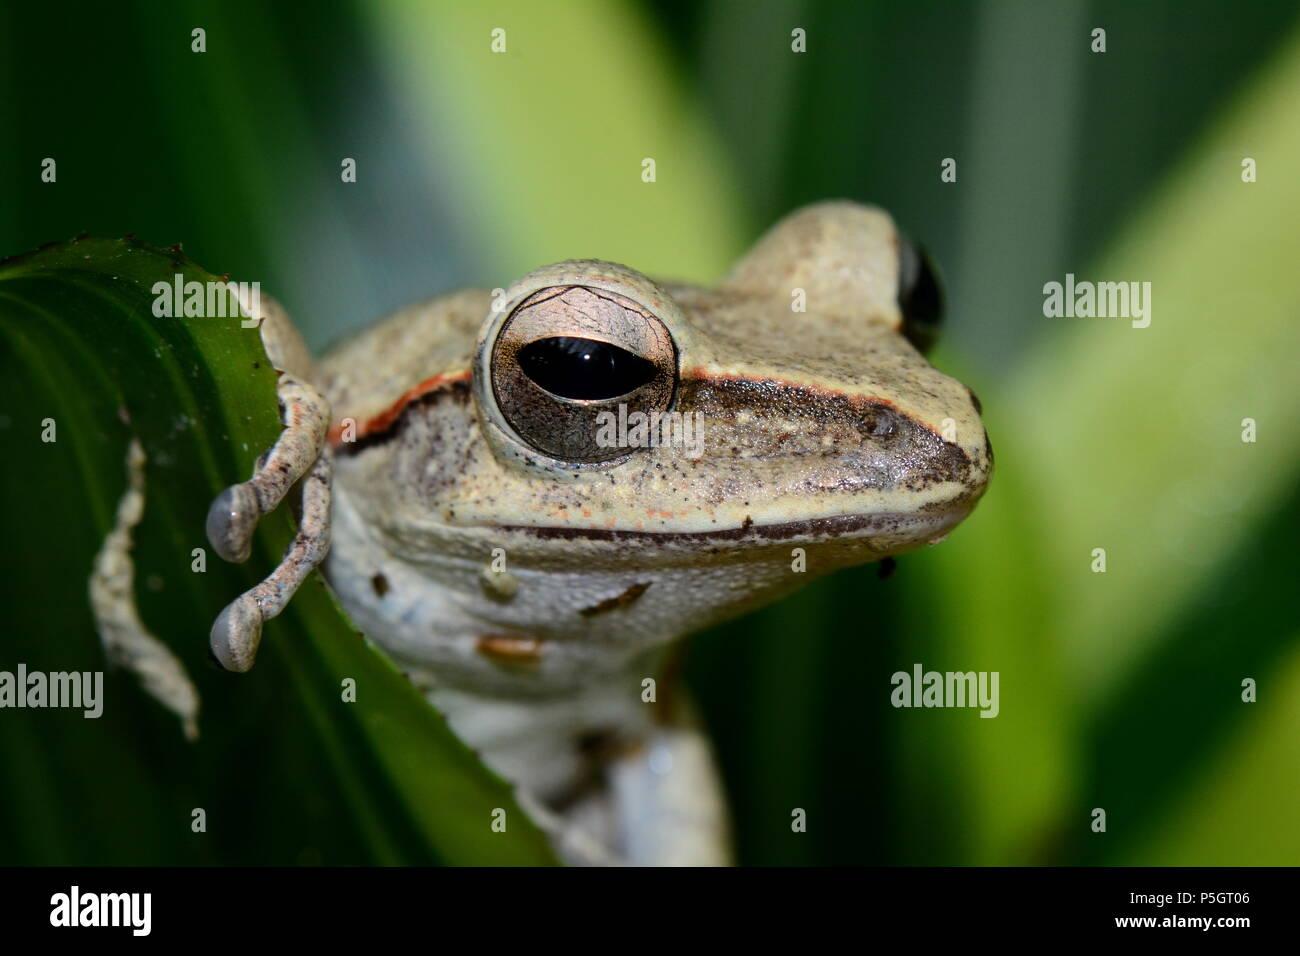 Una rana de árbol que posa para la cámara en los jardines. Imagen De Stock